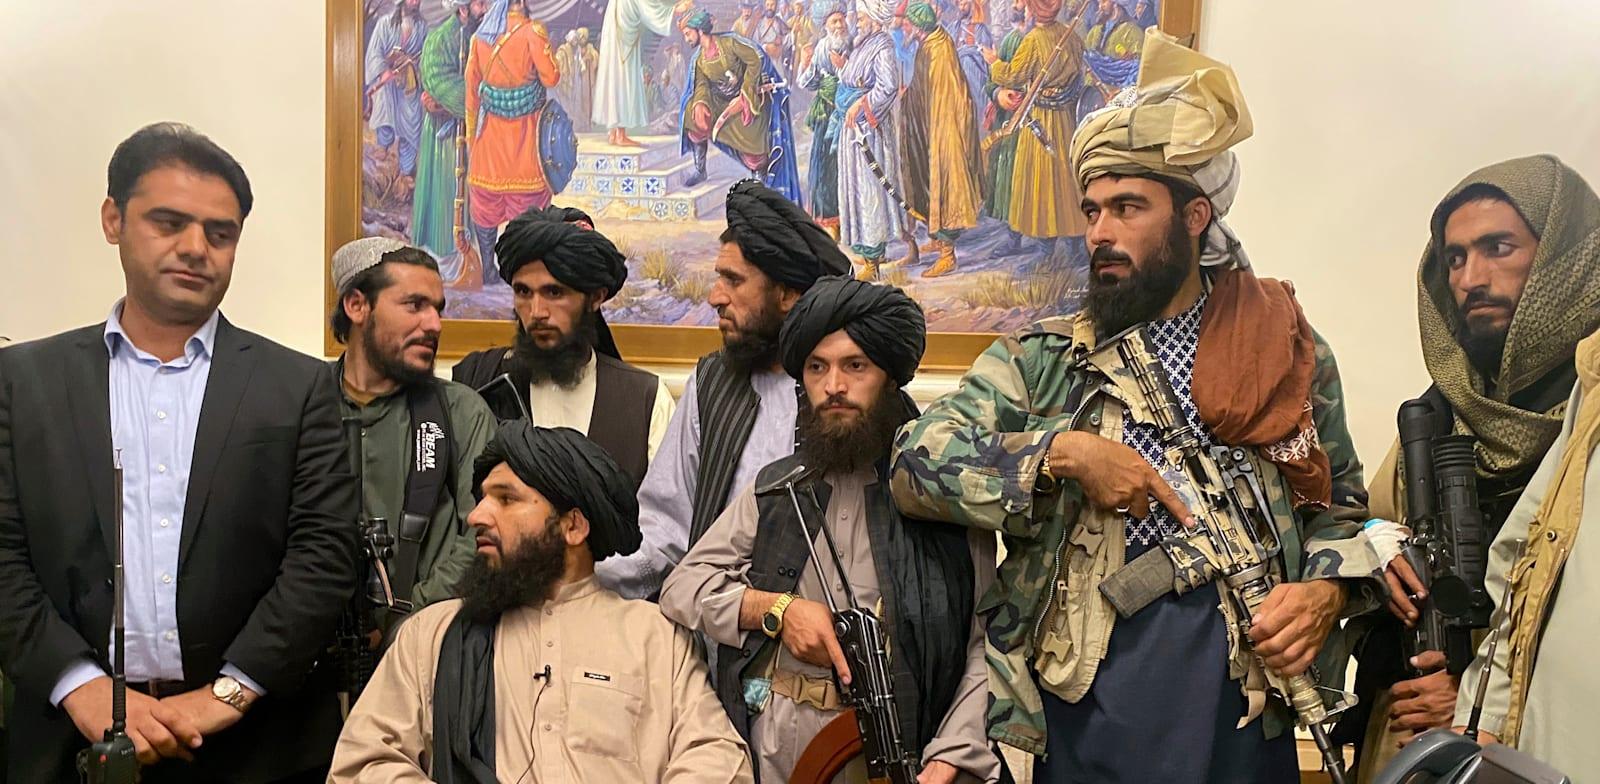 הטליבאן יושב בארמון הנשיאותי בקאבול אחרי שנשיא אפגניסטן ברח מהארץ / צילום: Associated Press, Zabi Karimi